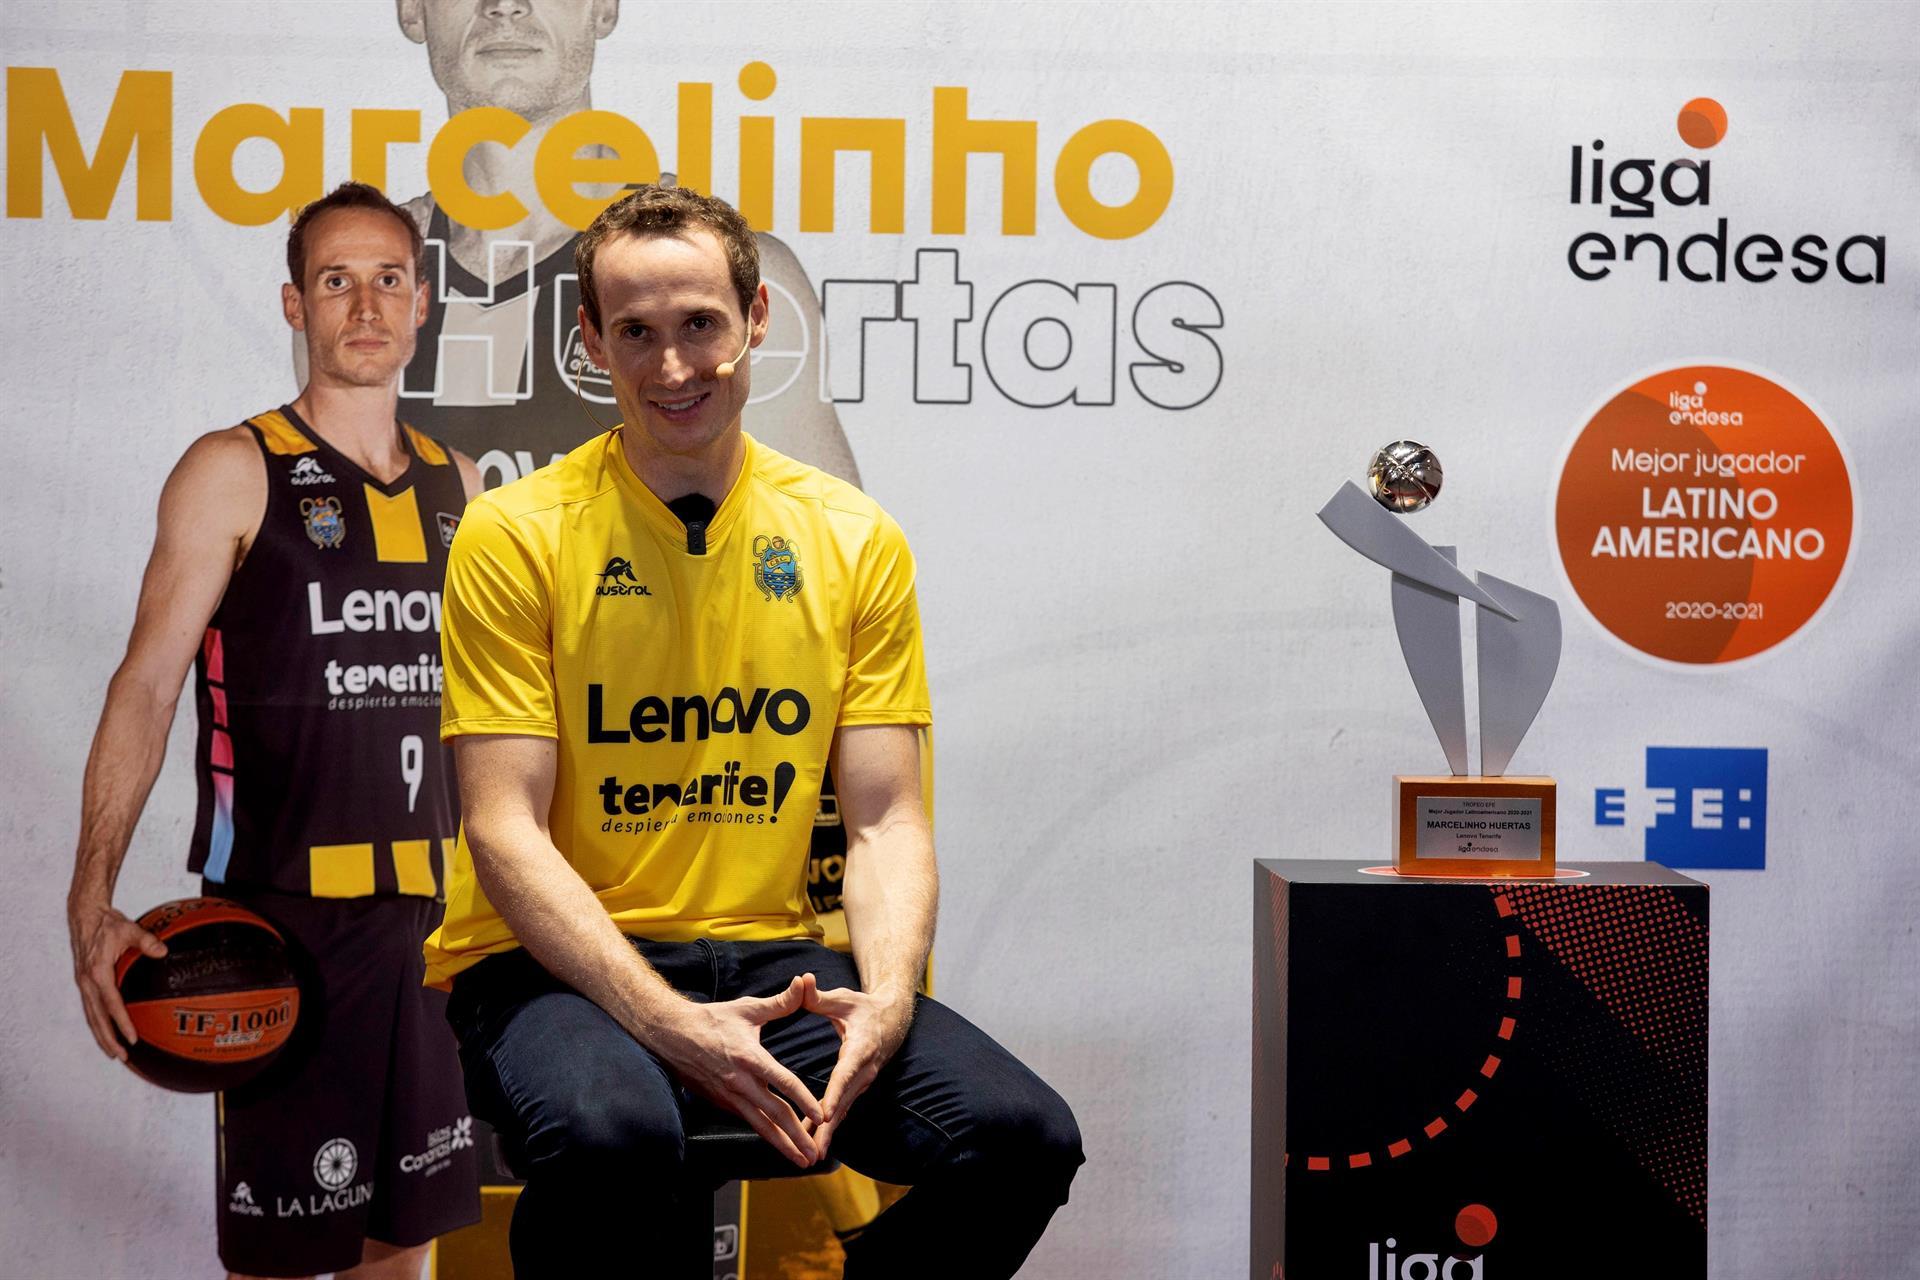 El jugador del Lenovo Tenerife Marcelinho Huertas ha recibido el Premio al mejor jugador Latinoamericano de la Liga Endesa 20/21, concedido por la Agencia EFE y la ACB, durante el acto celebrado en el Convento Santo Domingo de Guzmán en La Laguna Tenerife.- EFE/Miguel Barreto